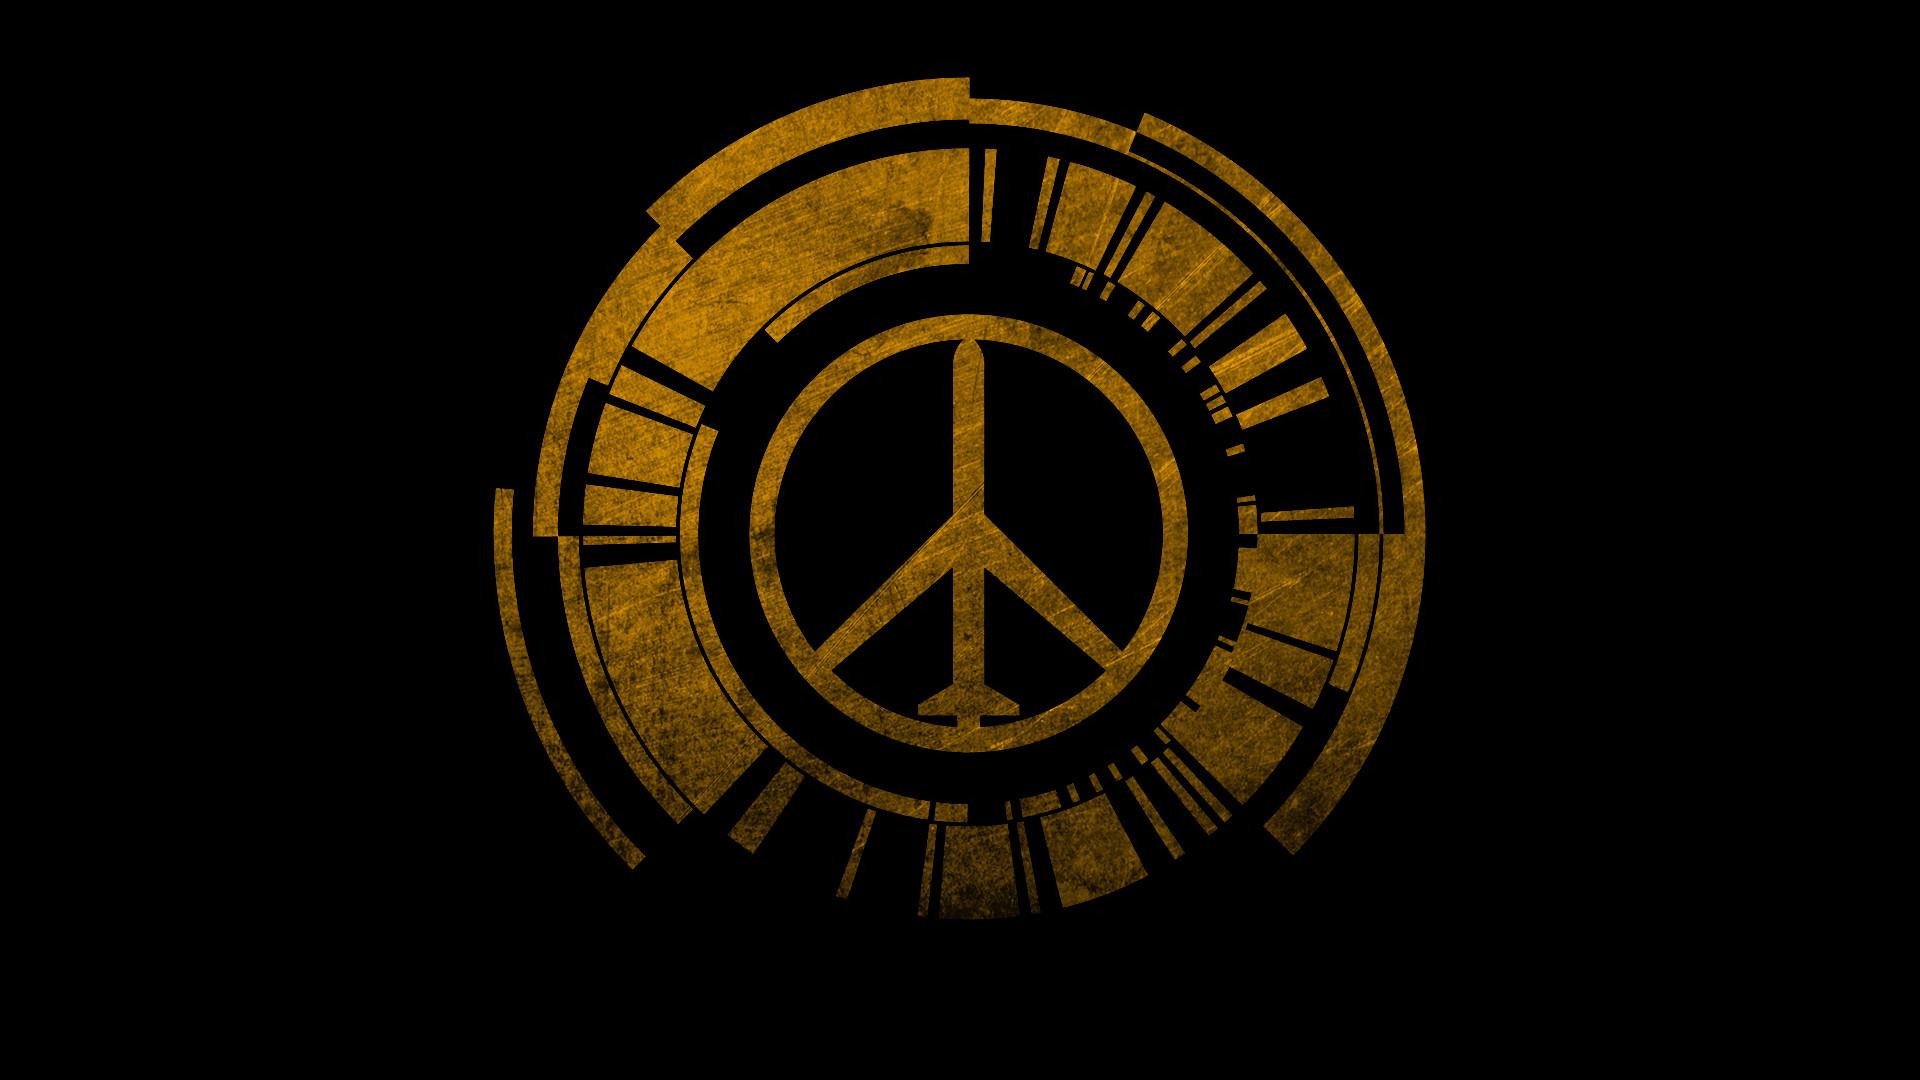 Metal Gear Solid Peace Walker logo wallpaper     123475    WallpaperUP